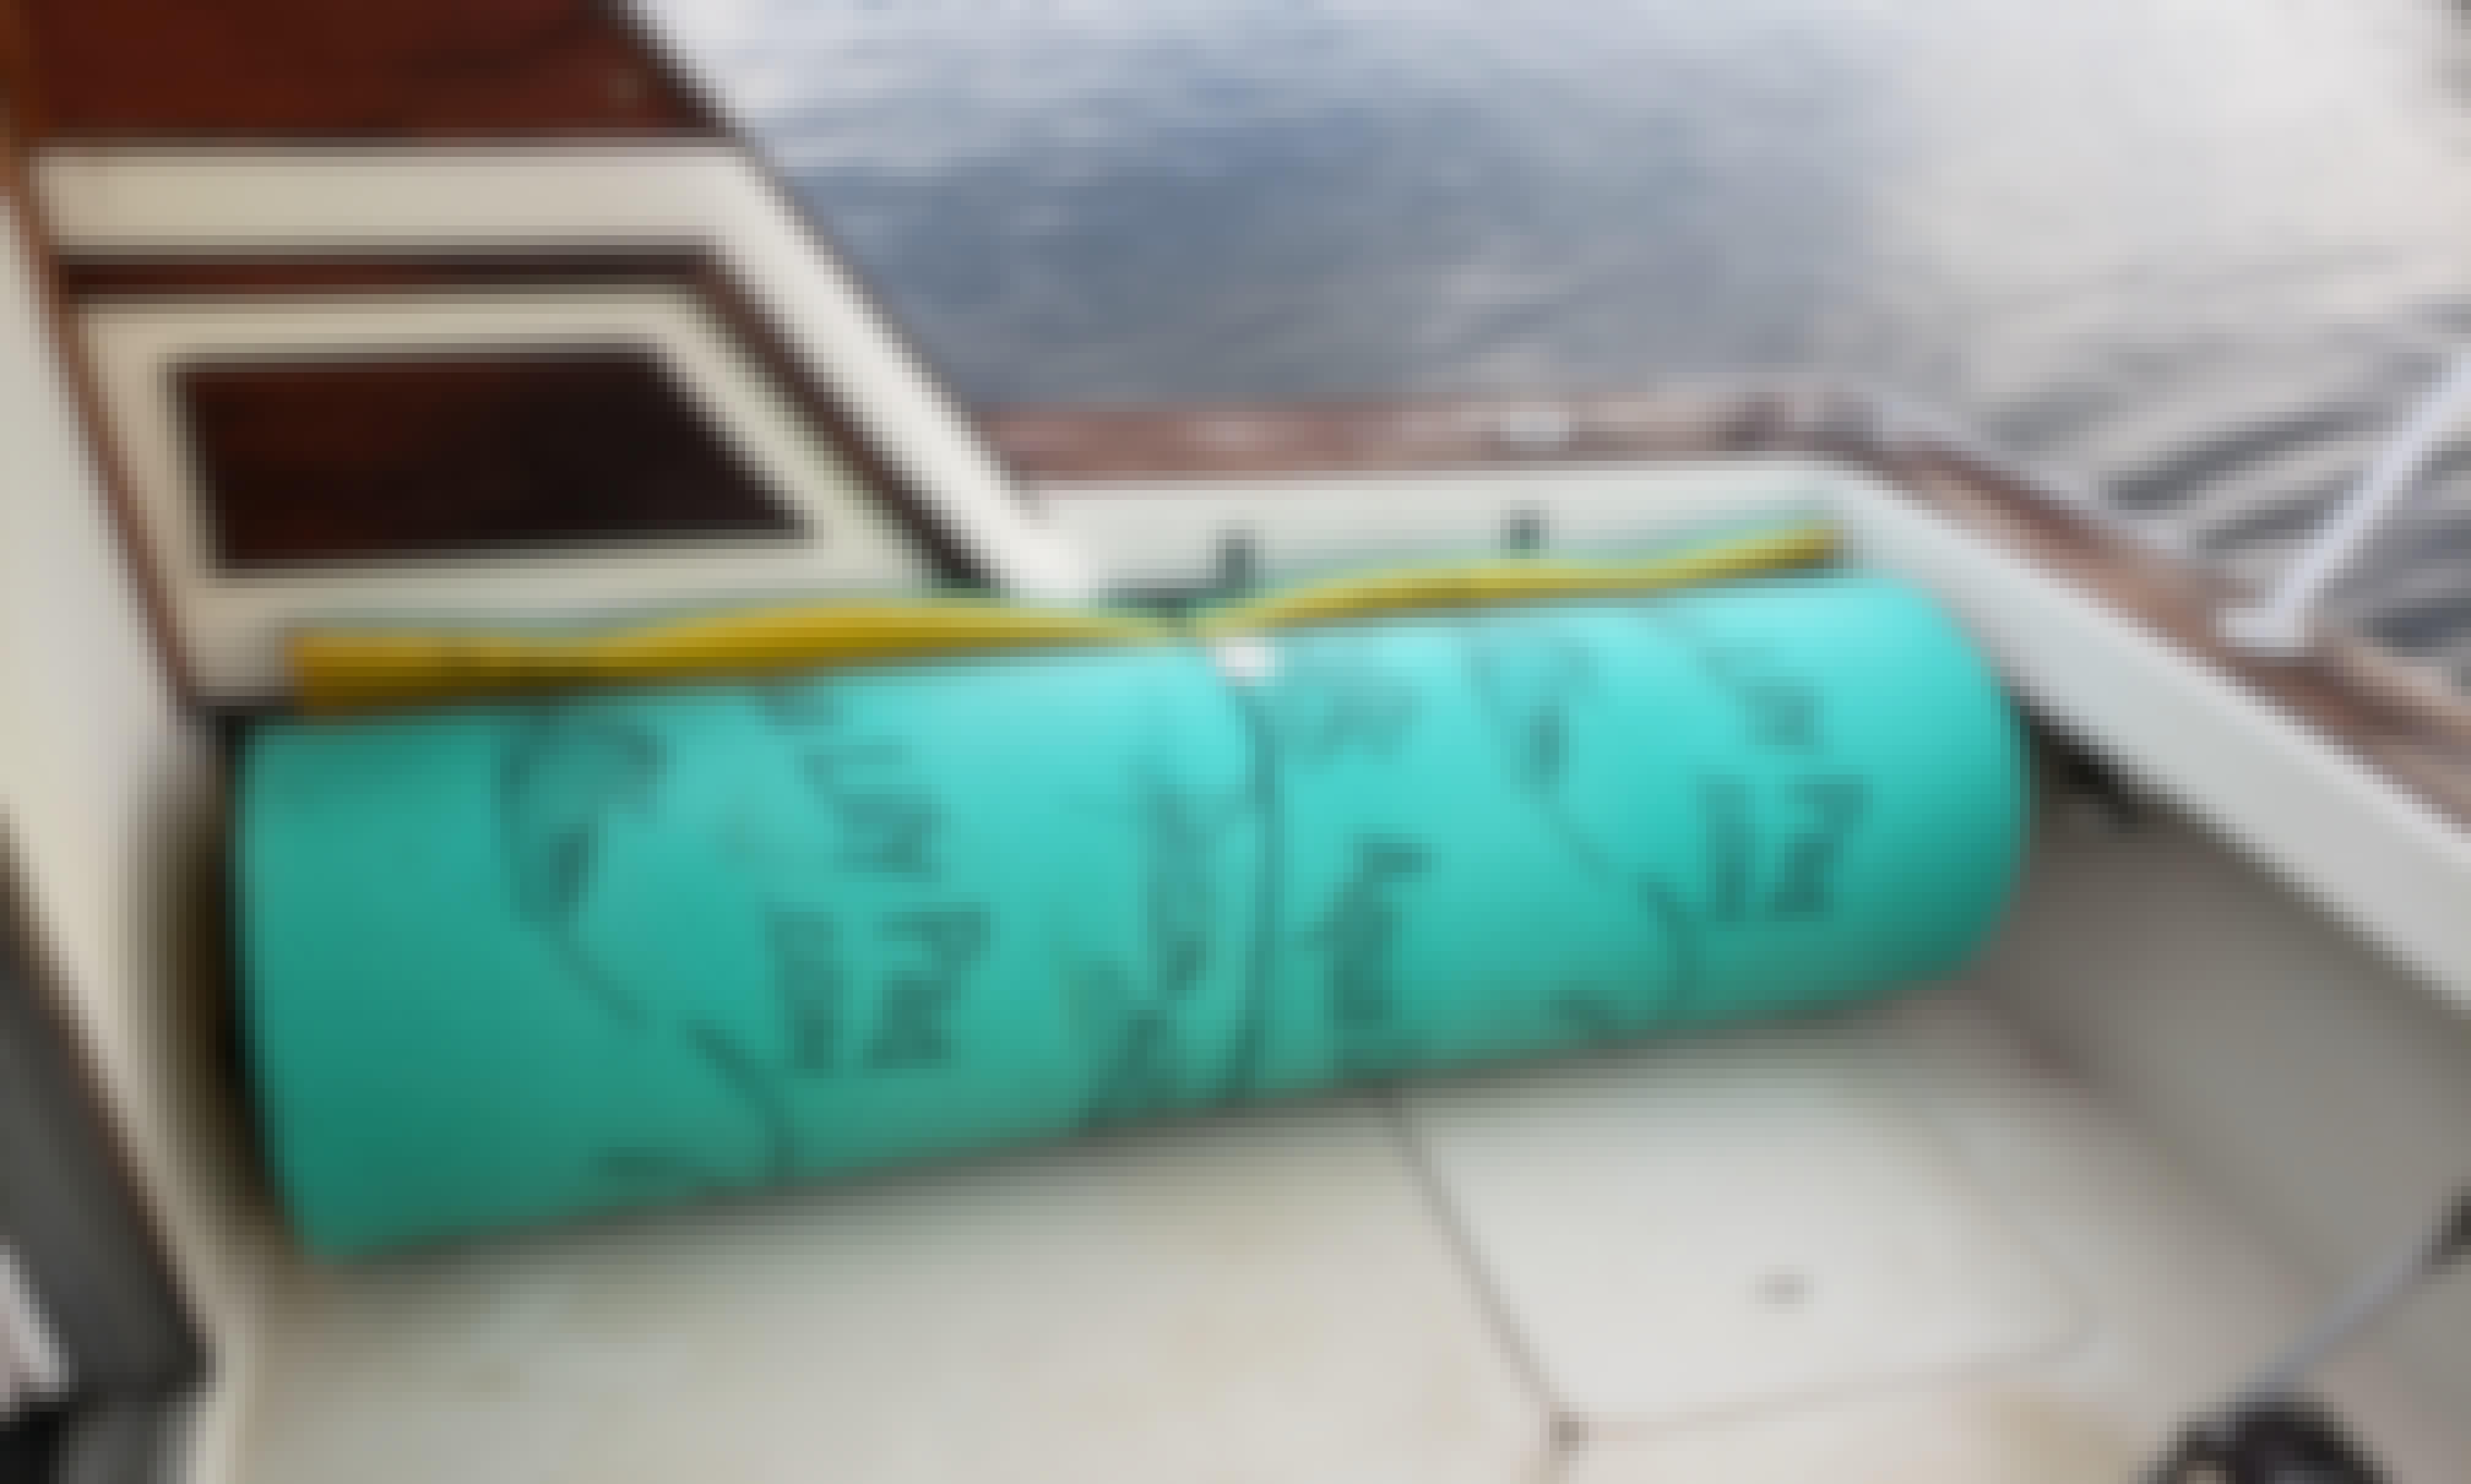 Floating aqua Lilly pad